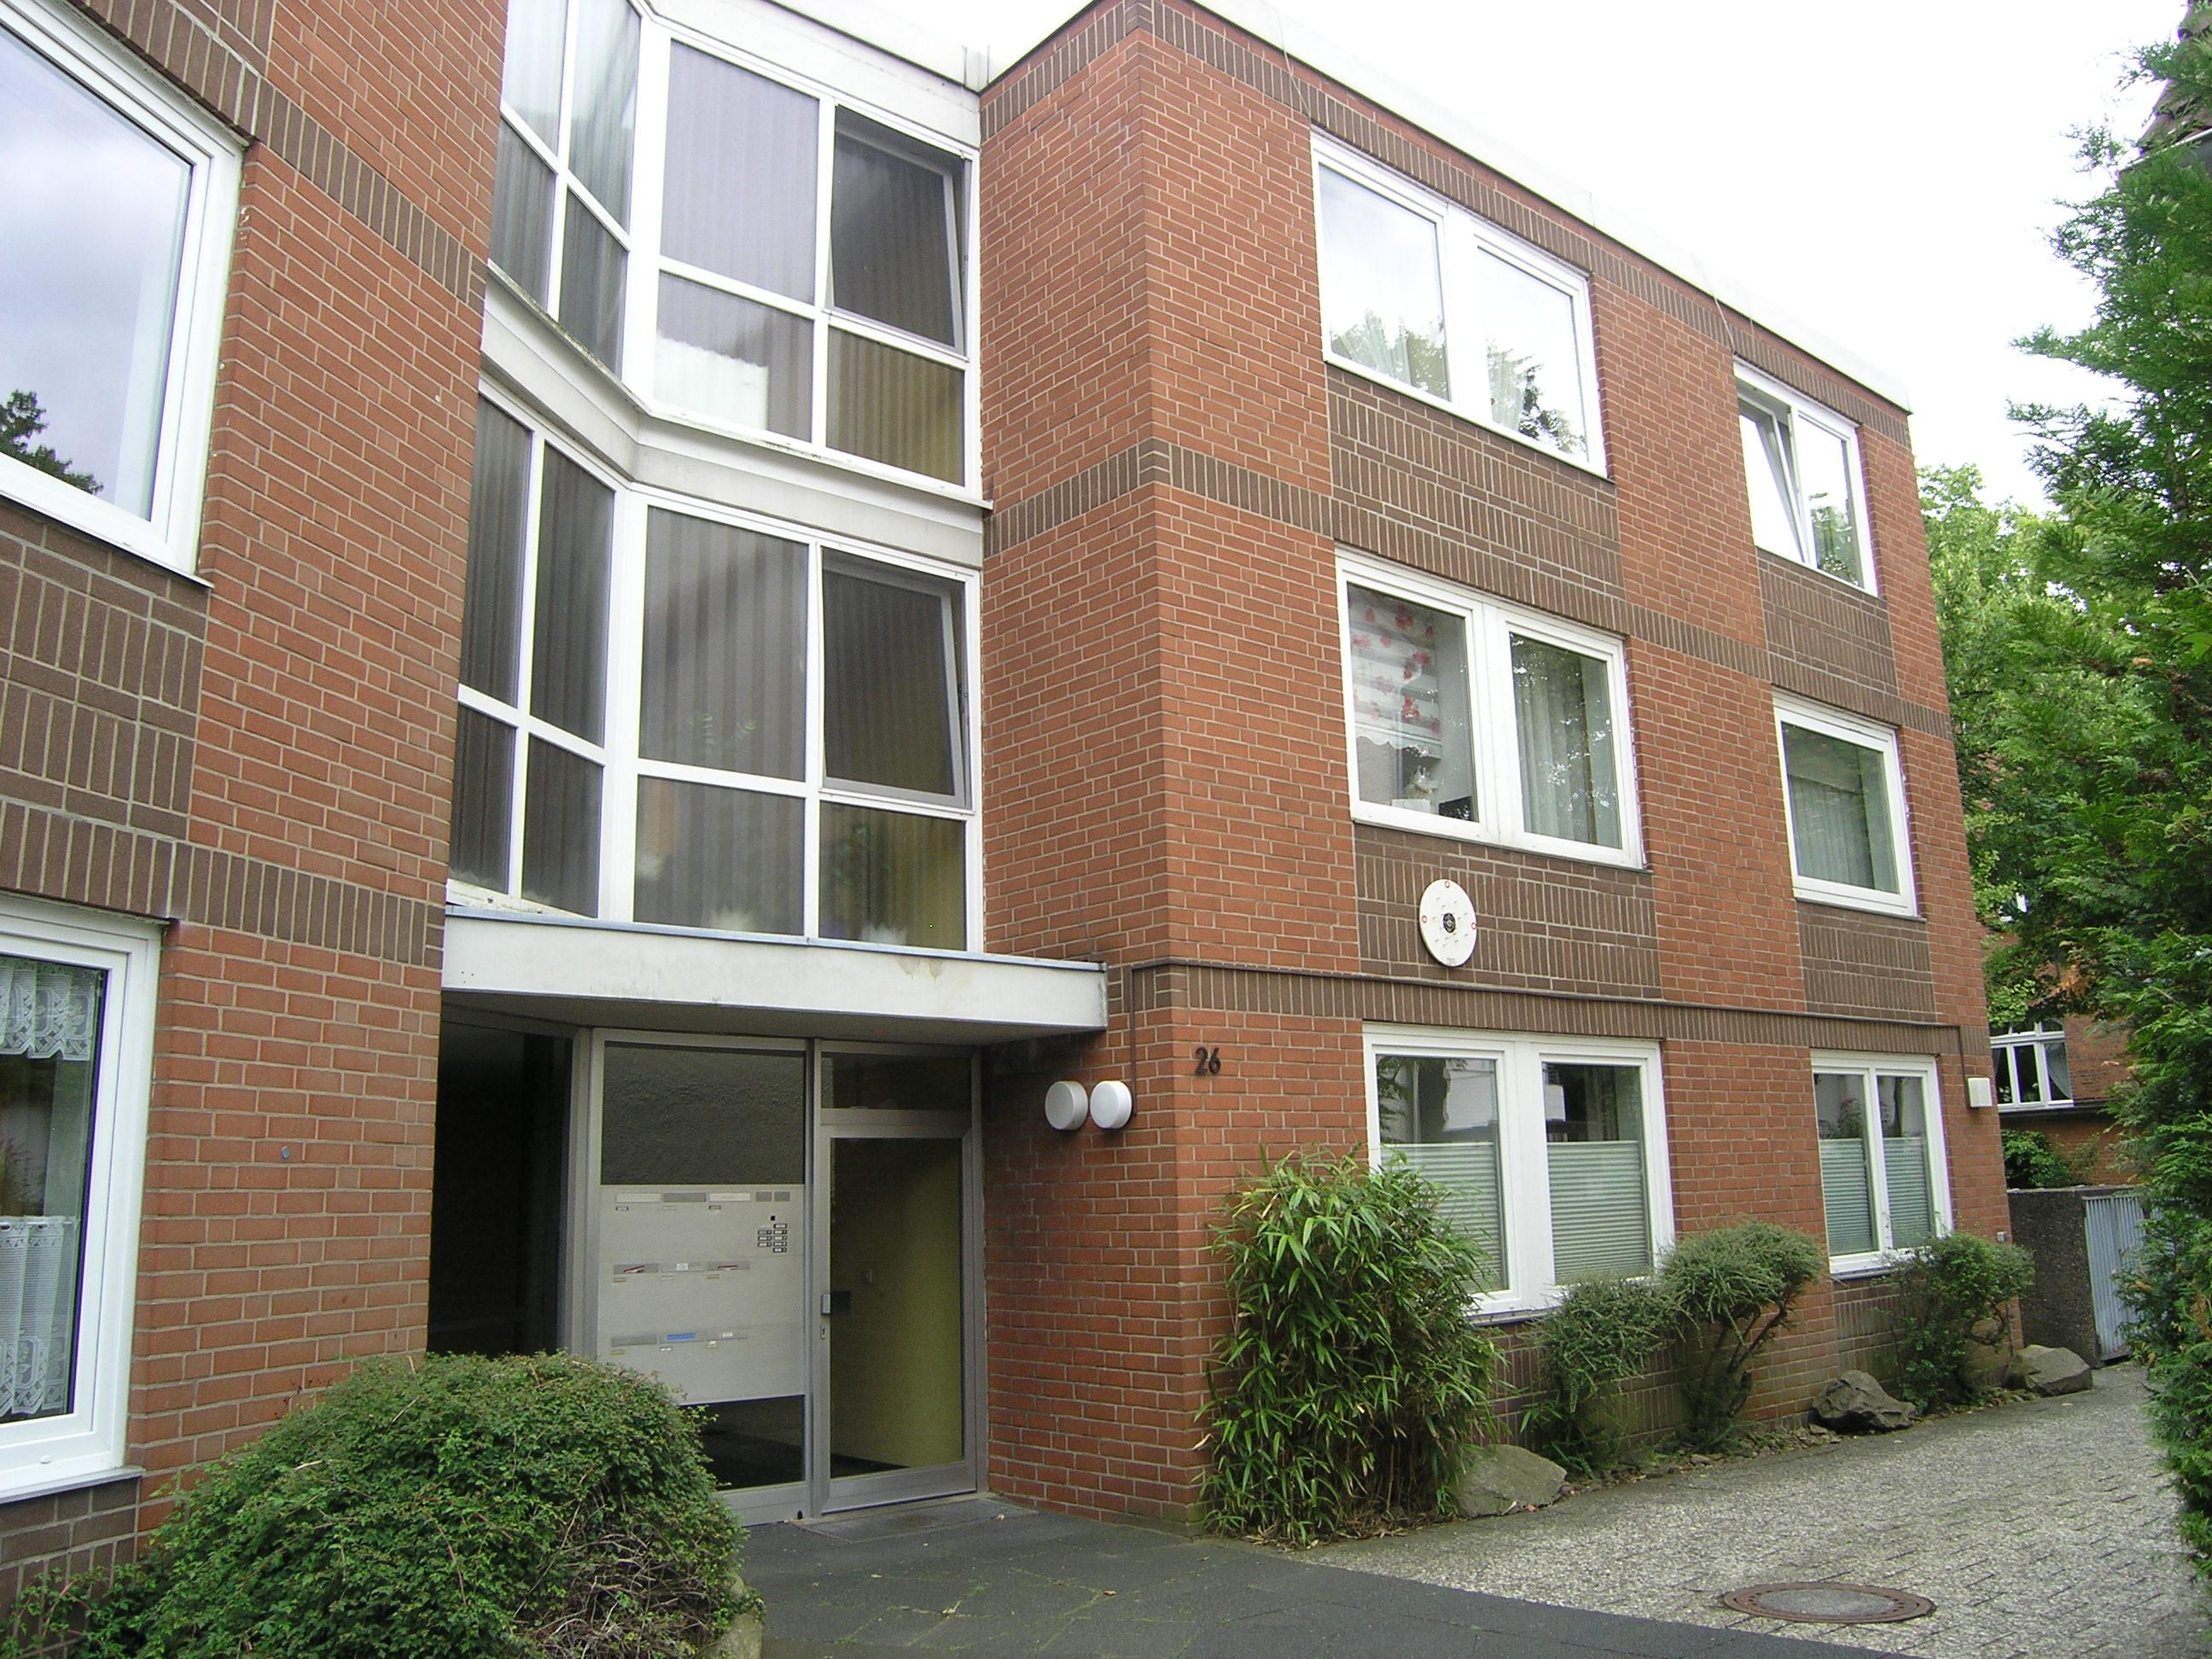 3 zimmer wohnung mit zwei balkonen in bester wohnlage mittelweser immobilien wohnungen. Black Bedroom Furniture Sets. Home Design Ideas